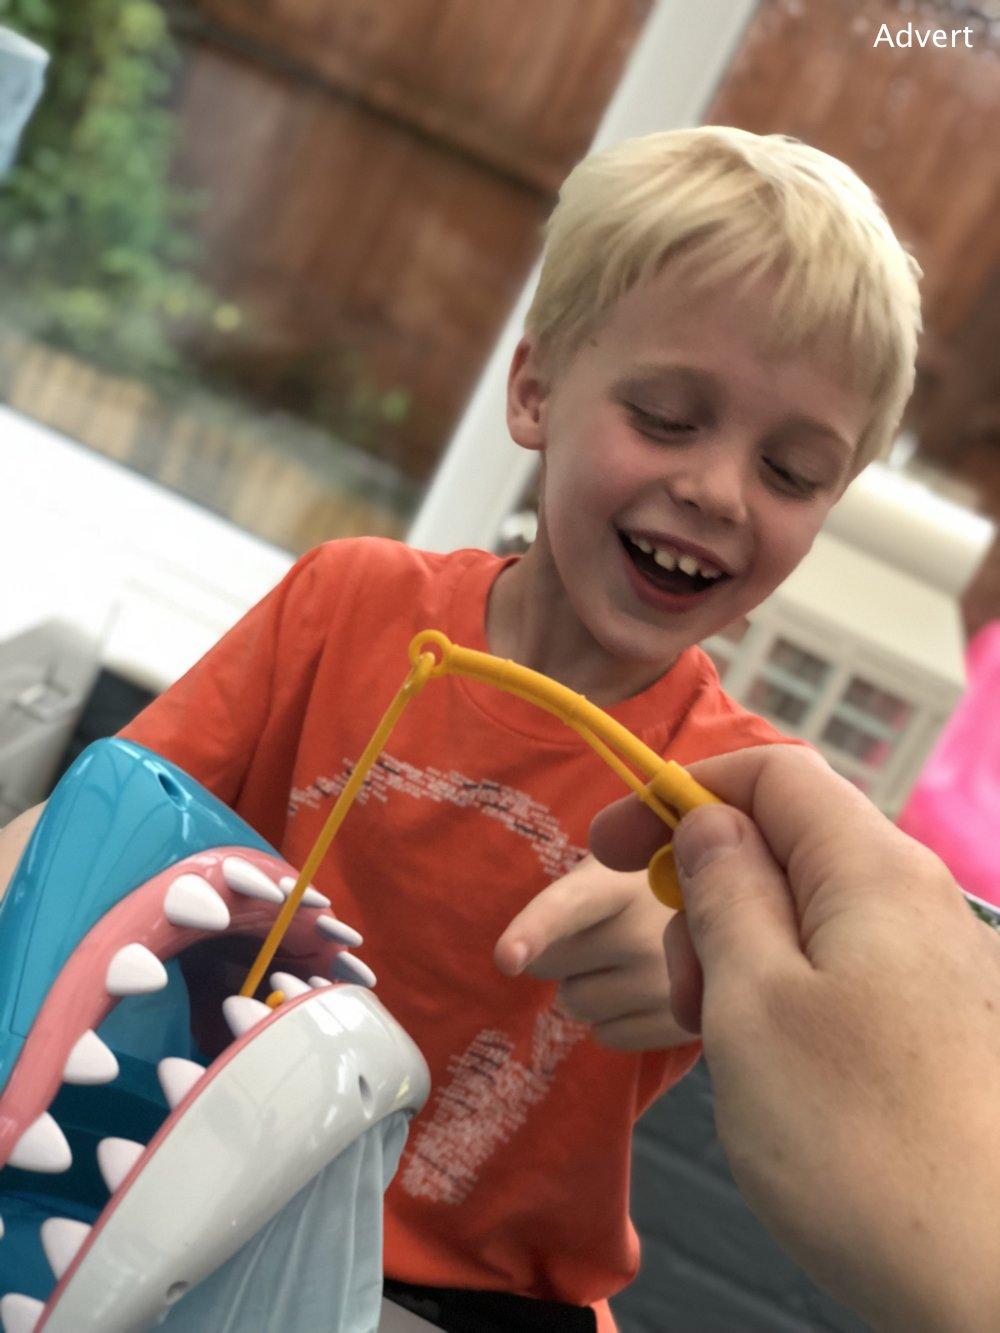 boy laughing playing shark bite game